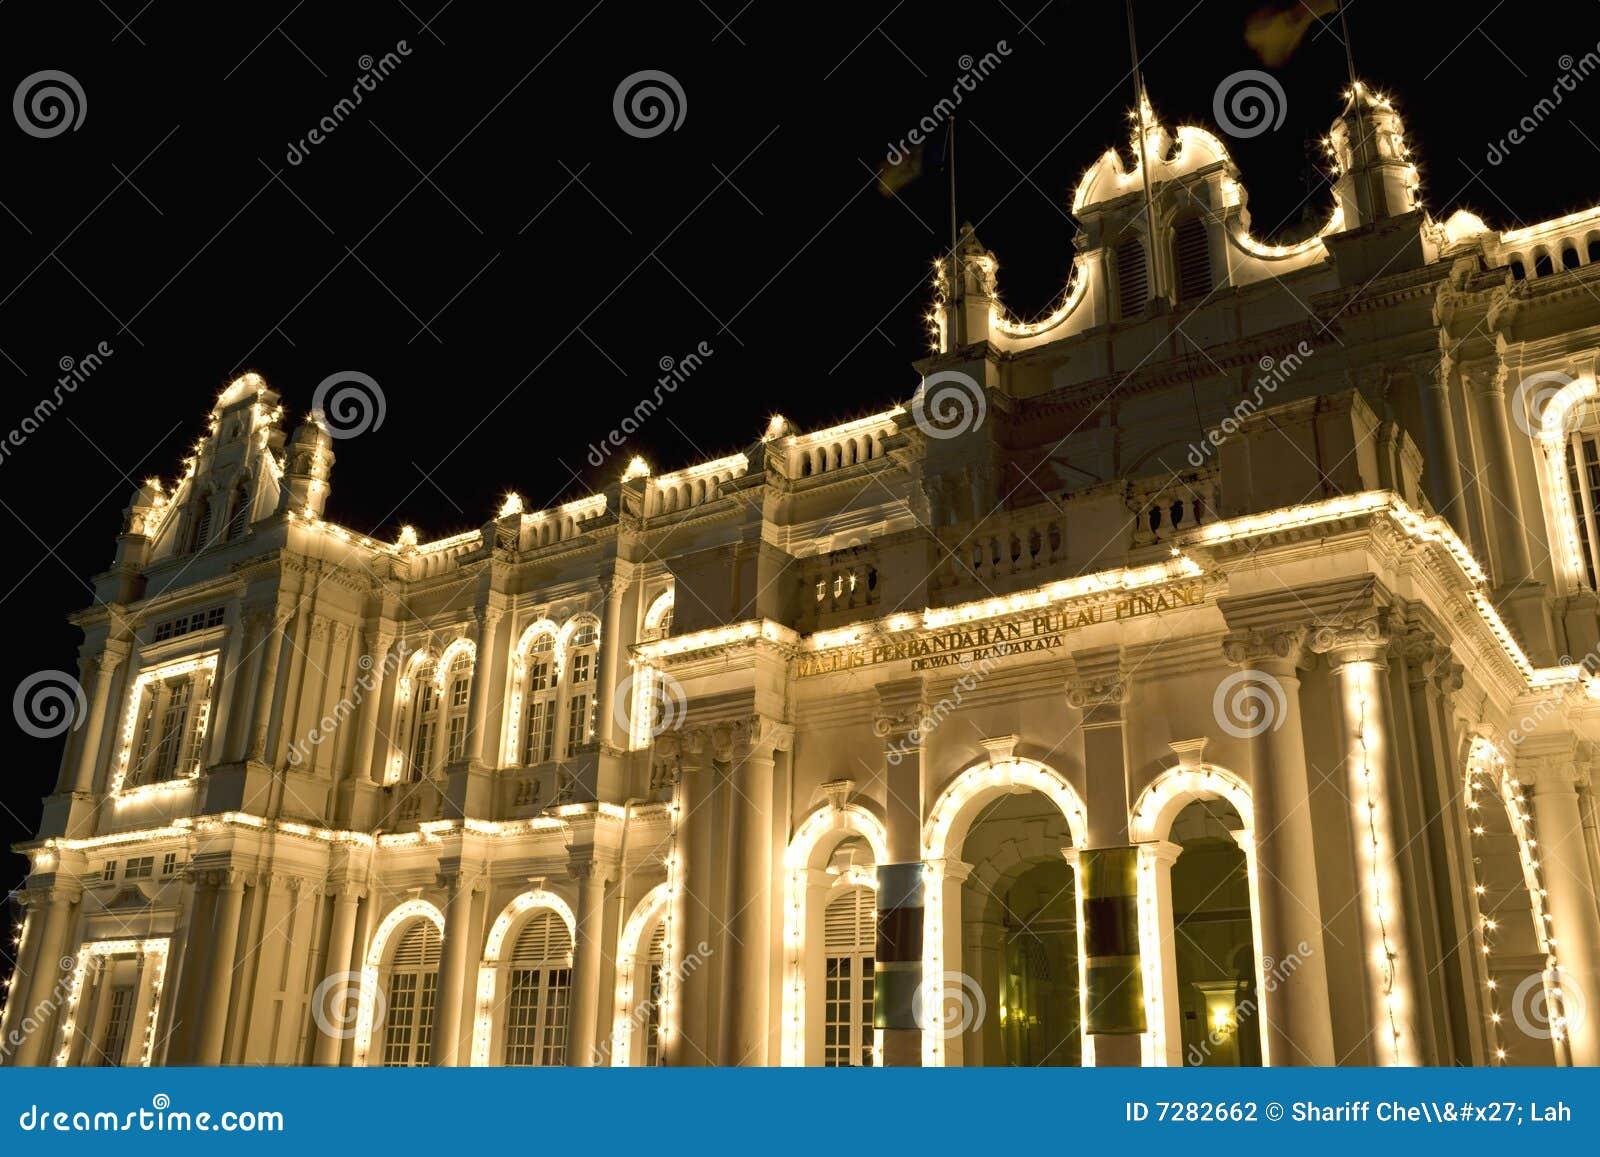 Edificio colonial en la noche